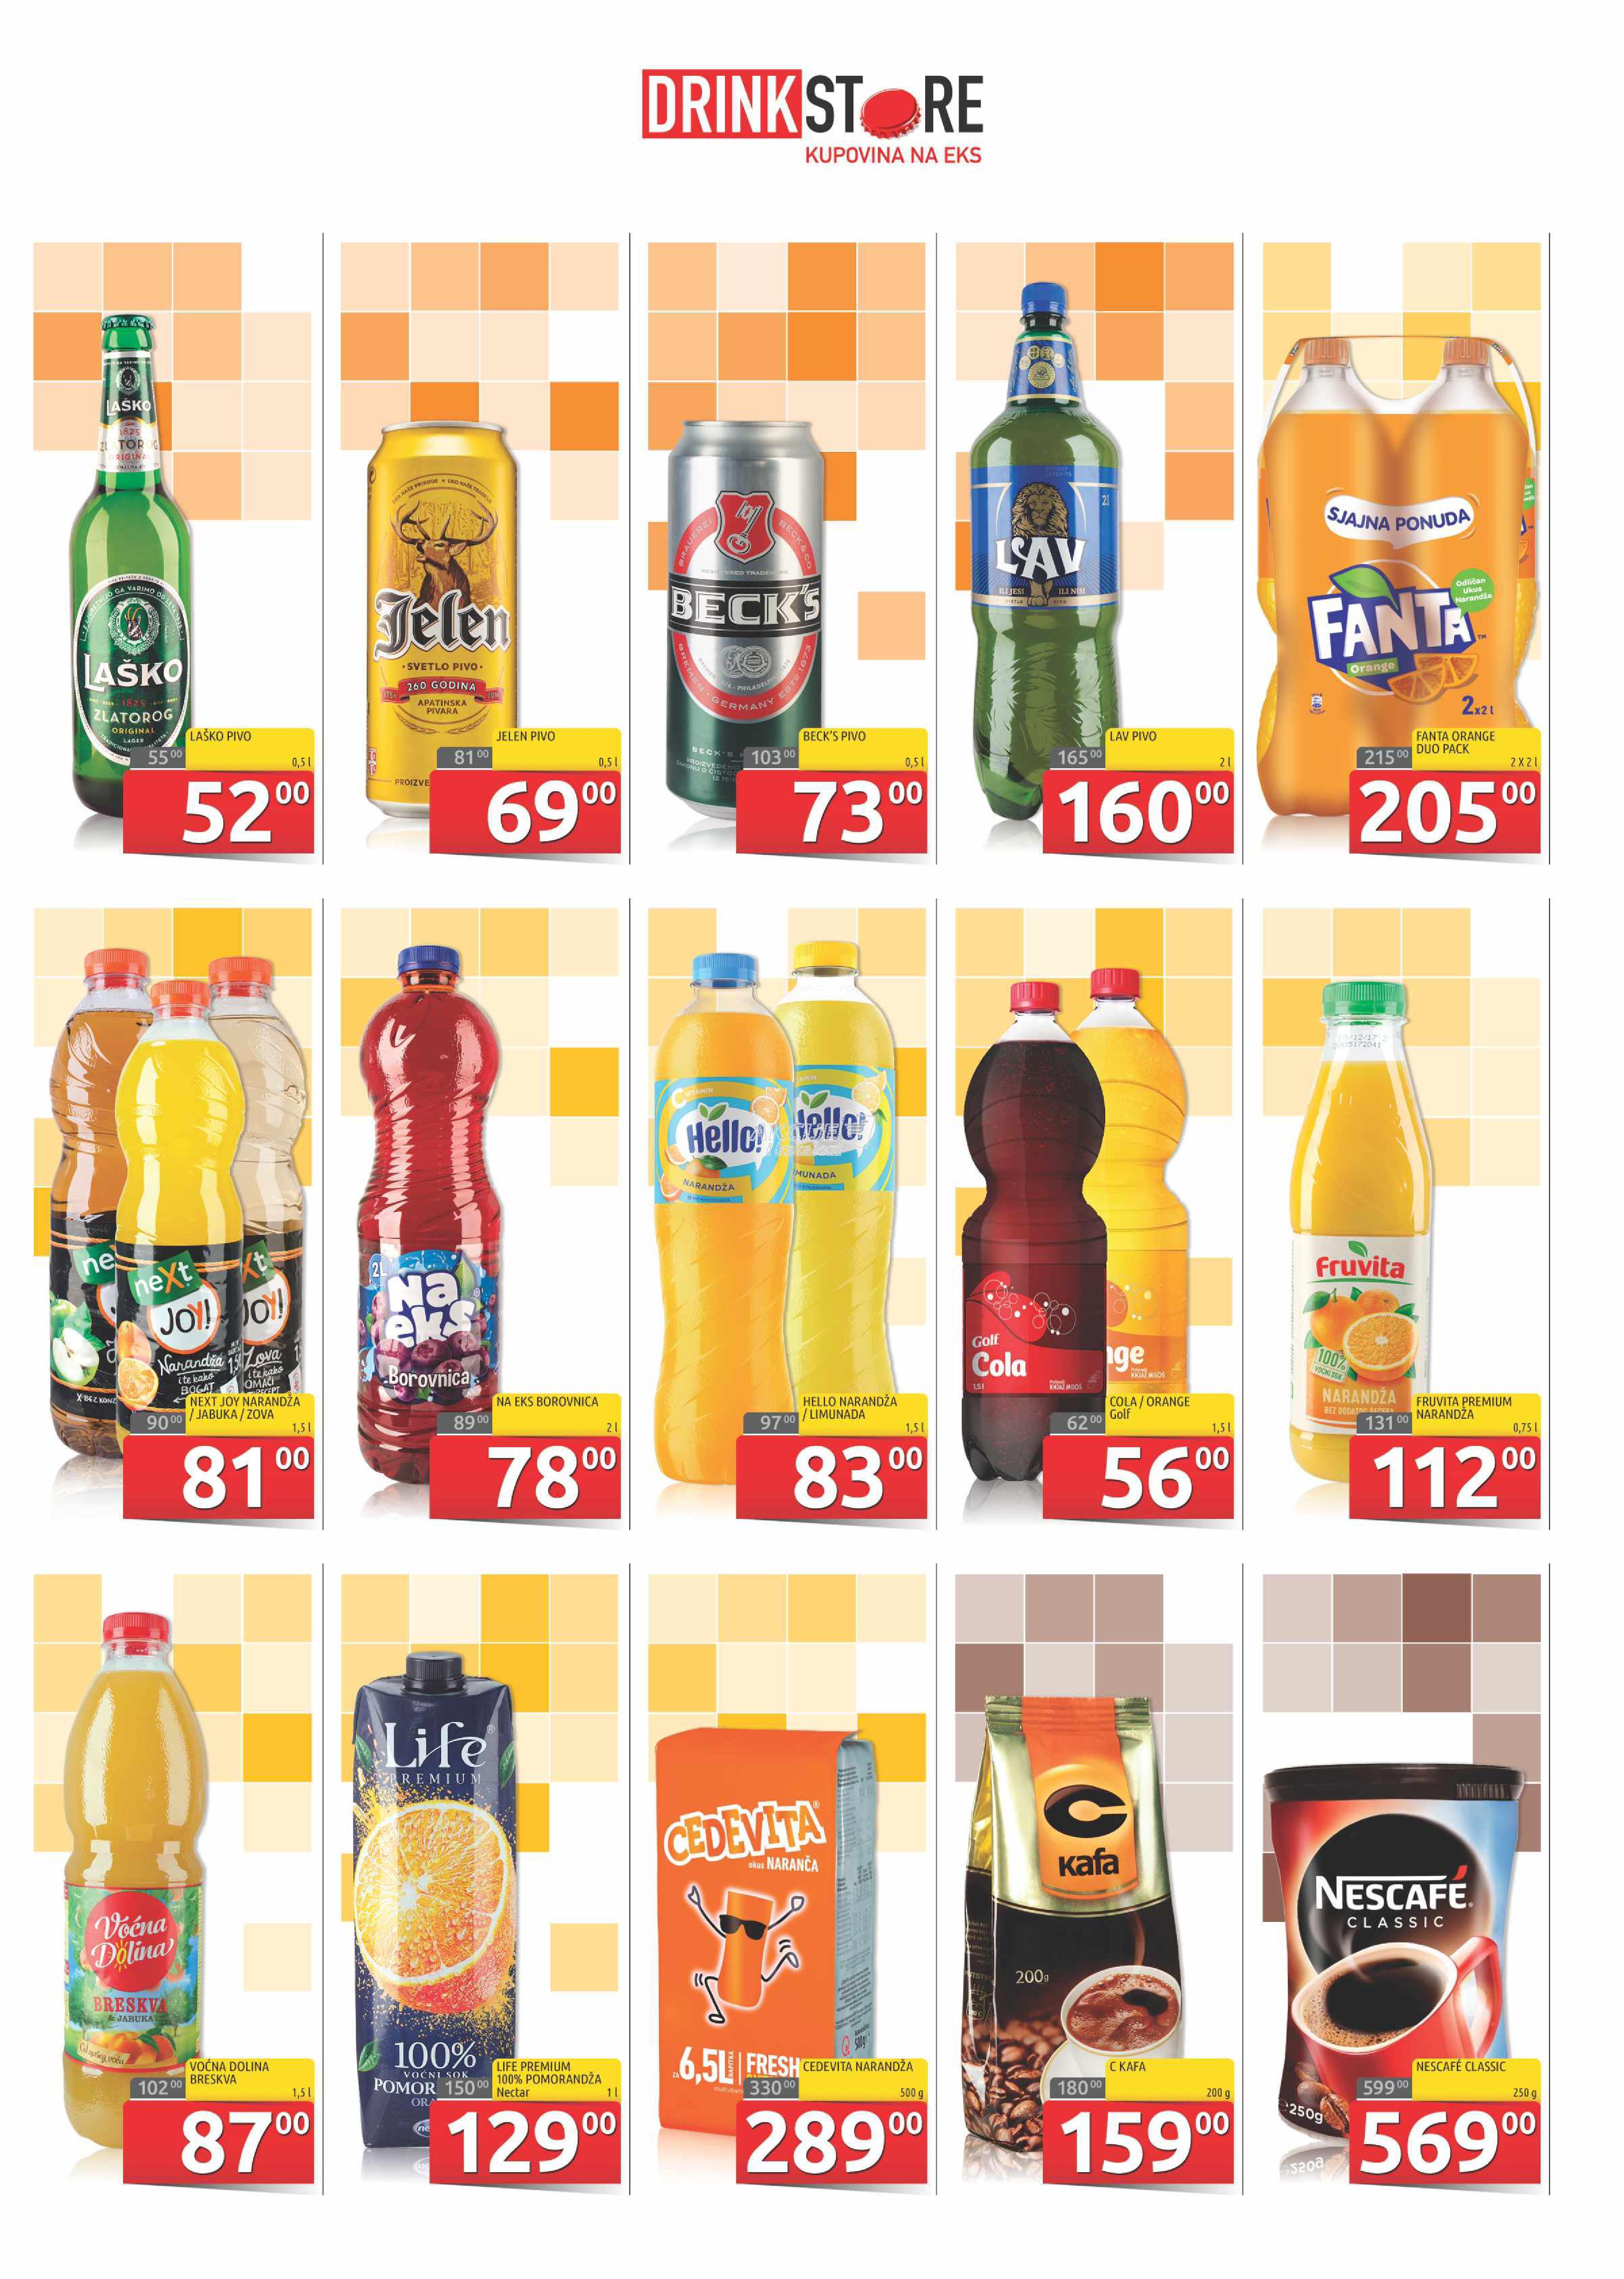 Drink Store akcija super kupovine